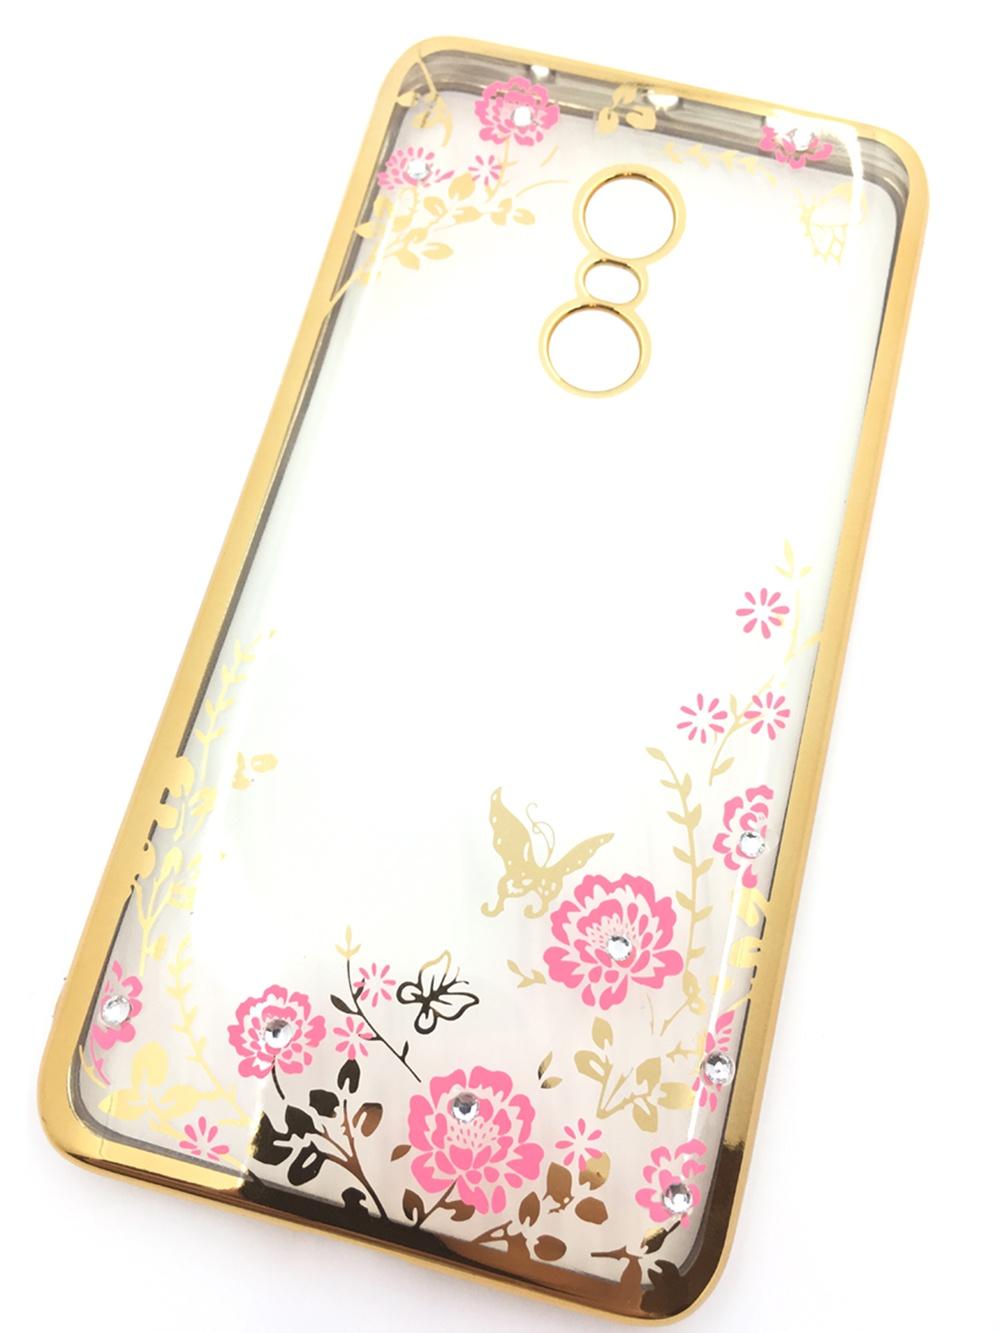 Чехол для сотового телефона Мобильная мода Xiaomi Redmi Note 4 Силиконовая, прозрачная накладка со стразами, 6 344G, золотой чехол для сотового телефона мобильная мода meizu pro 6 силиконовая прозрачная накладка со стразами 6371g золотой